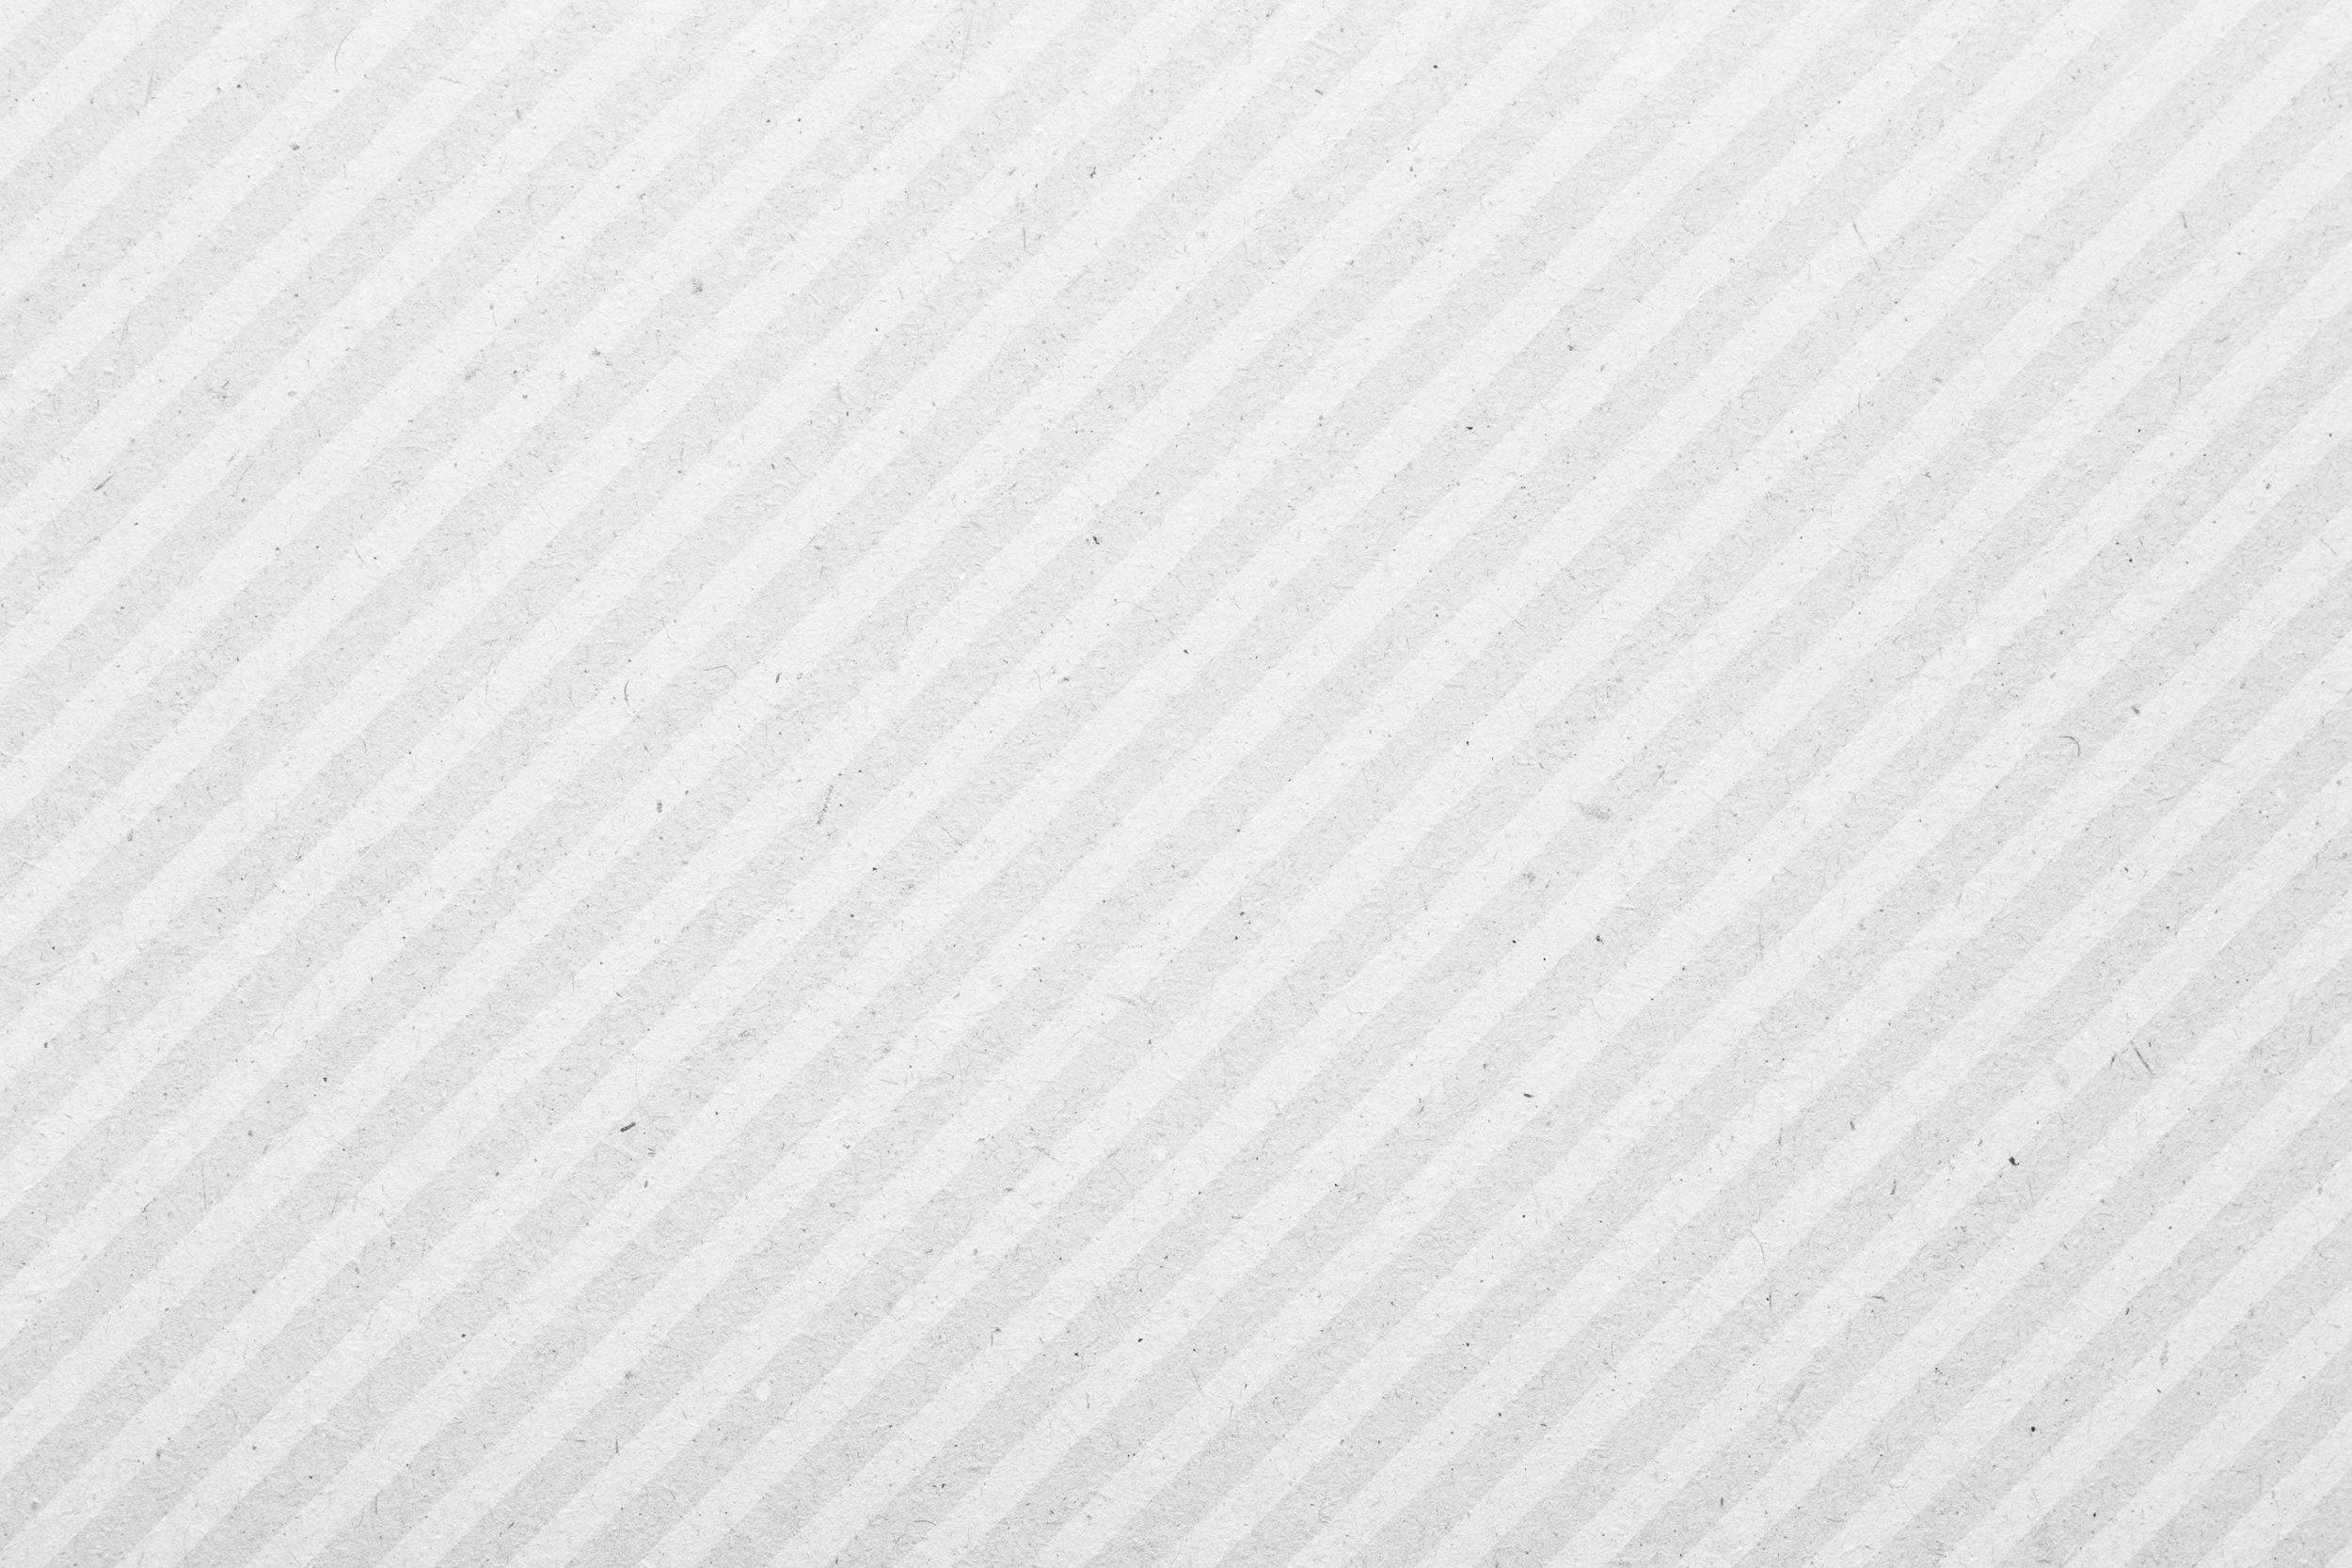 WhiteStripesPaperTexture_223812826.jpg